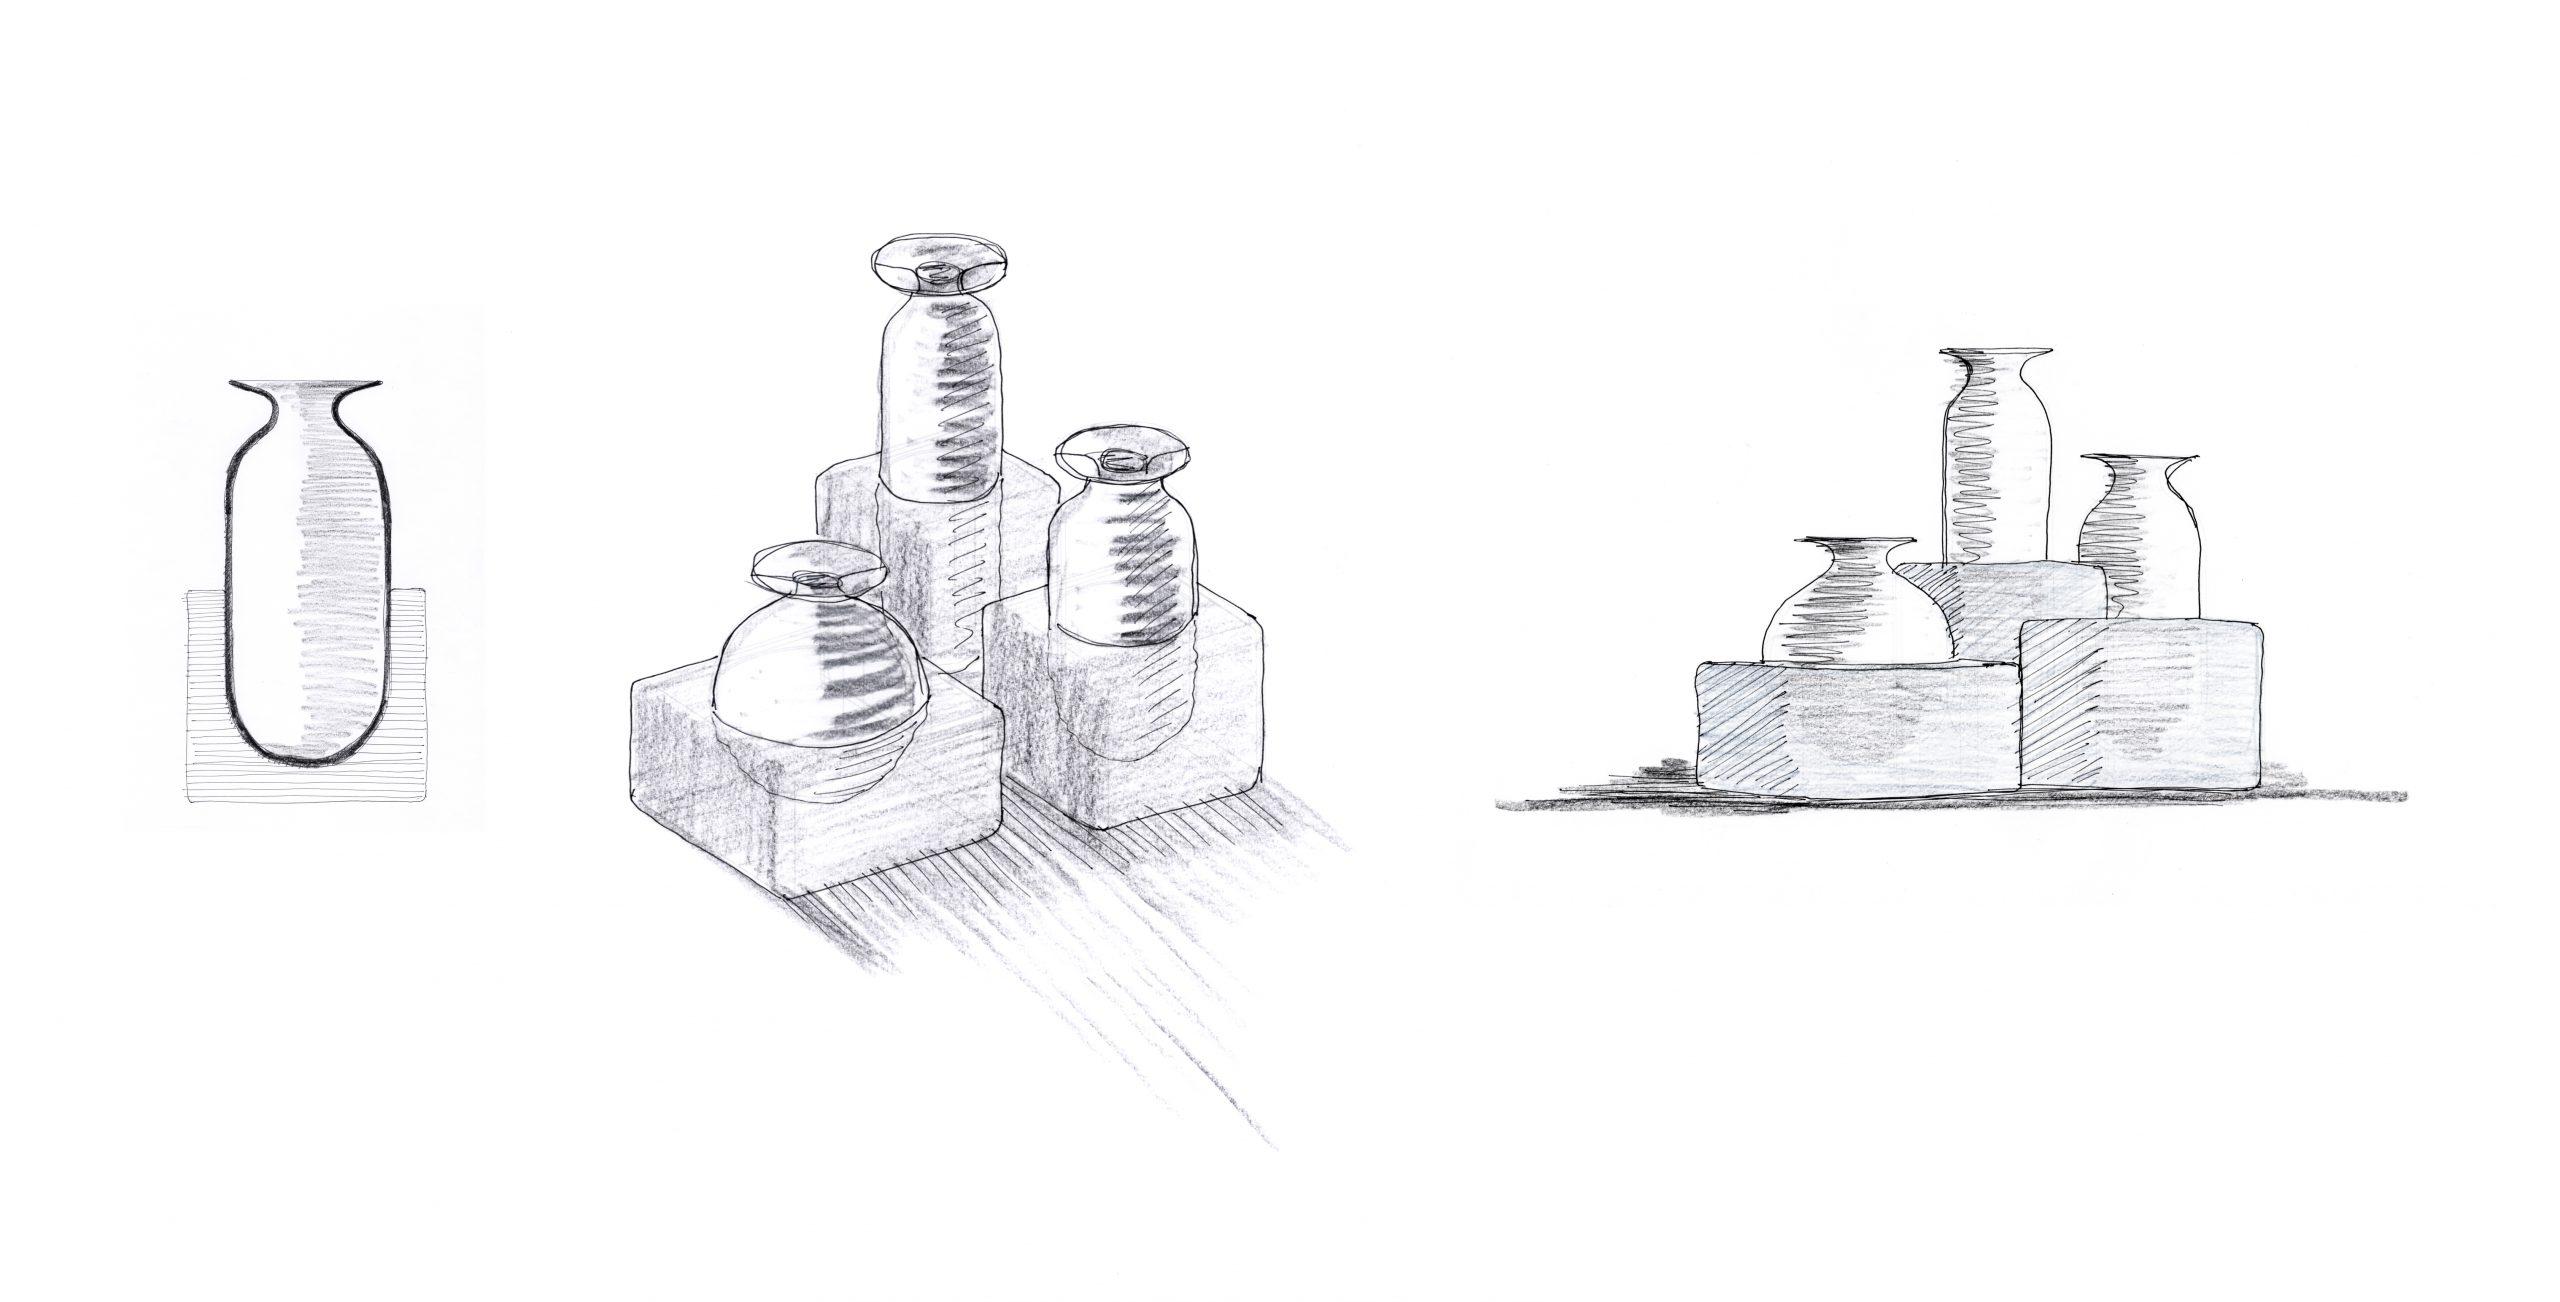 Sketch of Freddo vase in black for Rosenthal, designed by Debiasi Sandri